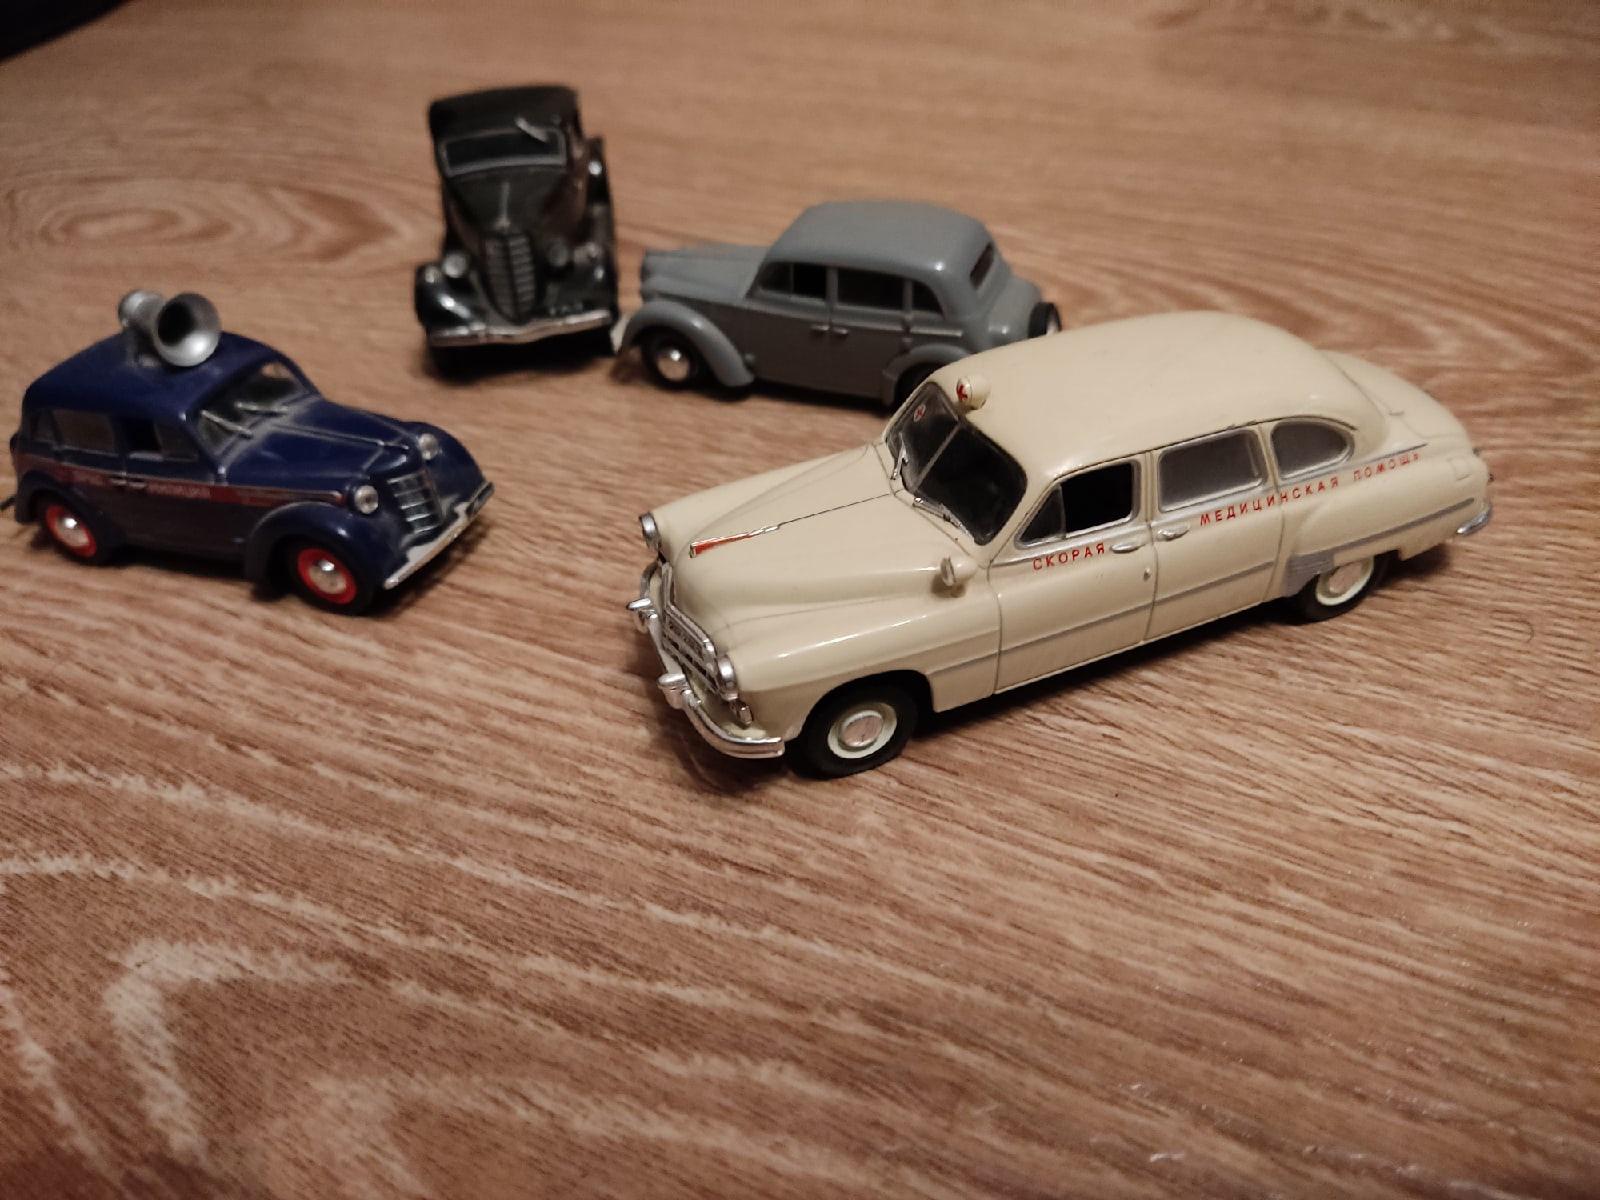 Ремонт или компенсация: автоюрист рассказал, что лучше выбрать после ДТП